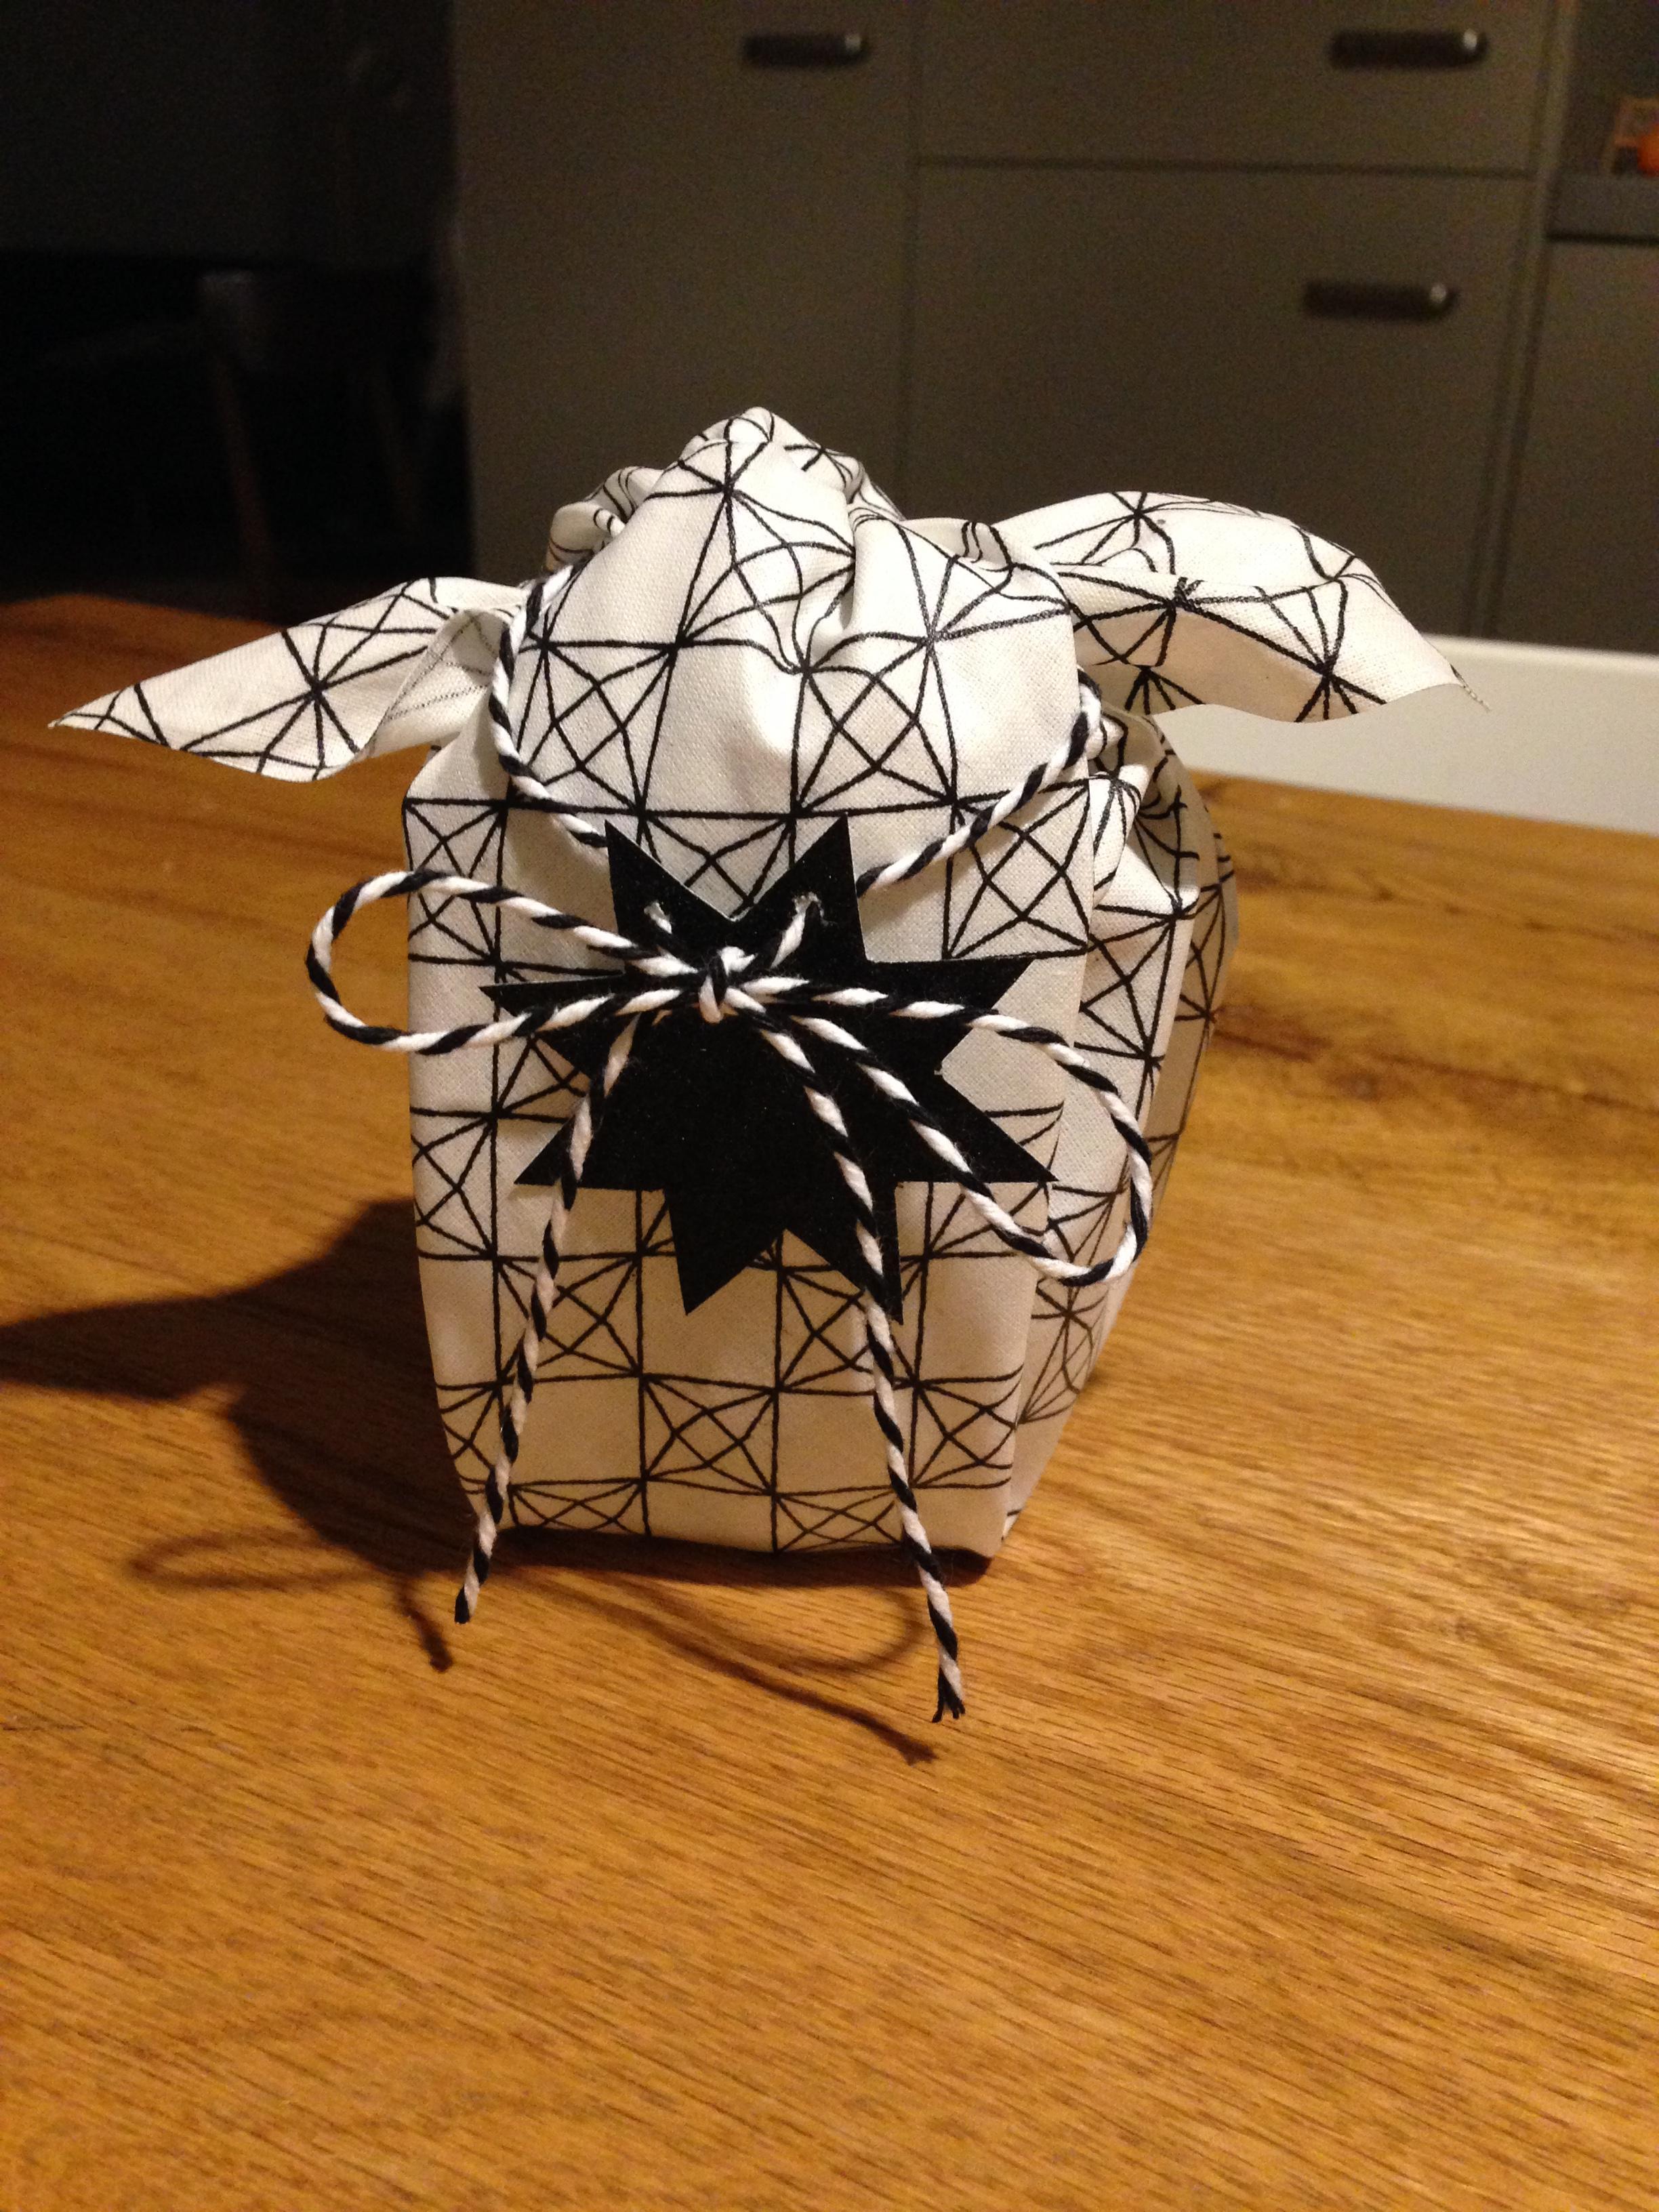 Die besten Ideen für ein ausgefallenes Geschenk findest du auf COUCH!